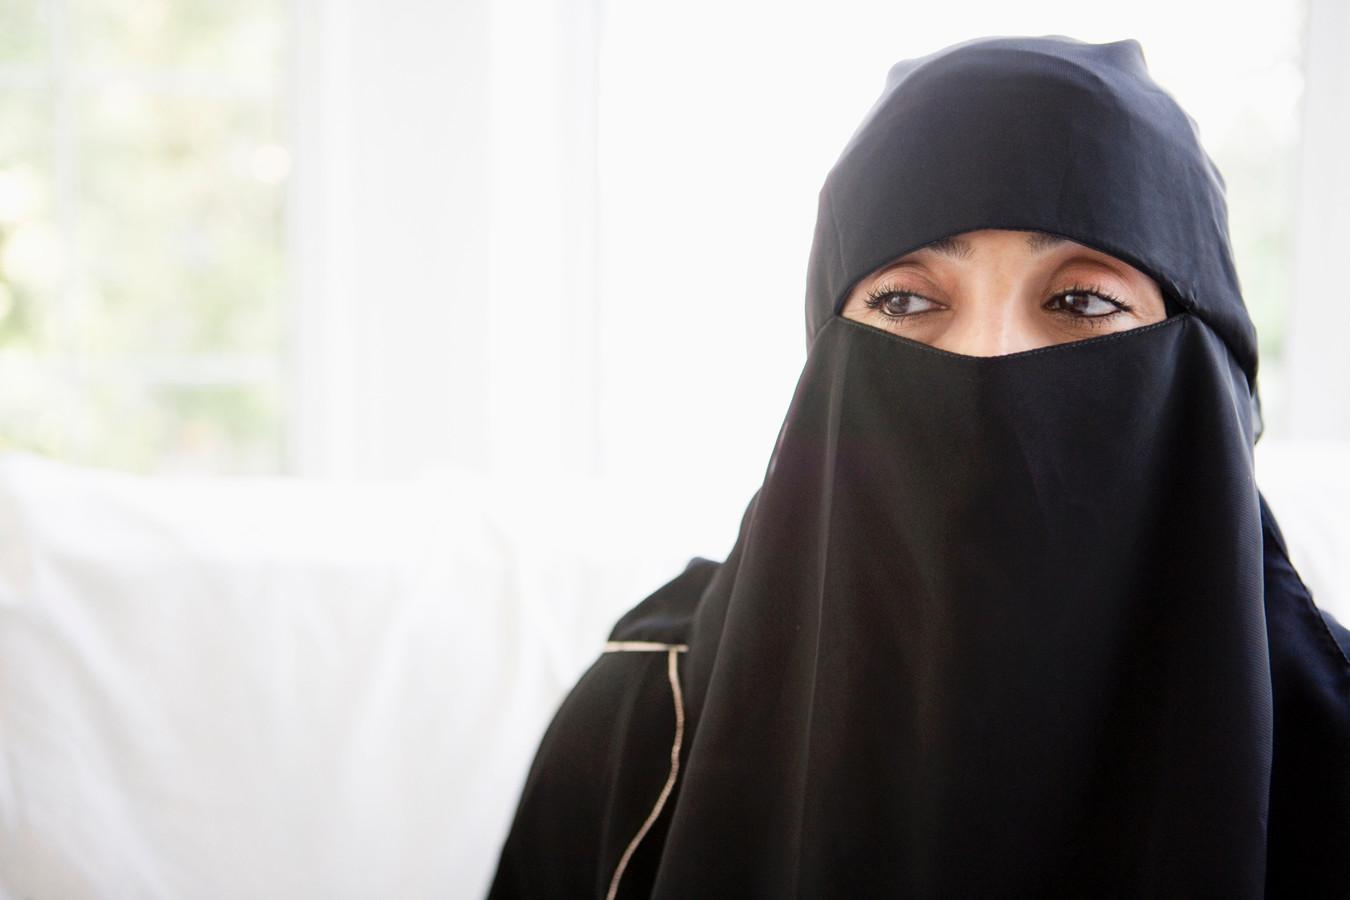 Vanaf 1 augustus is het verboden om 'gezichtsbedekkende kleding' , zoals boerka's, integraalhelmen en bivakmutsen te dragen in het openbaar vervoer, in scholen, ziekenhuizen en overheidsgebouwen.